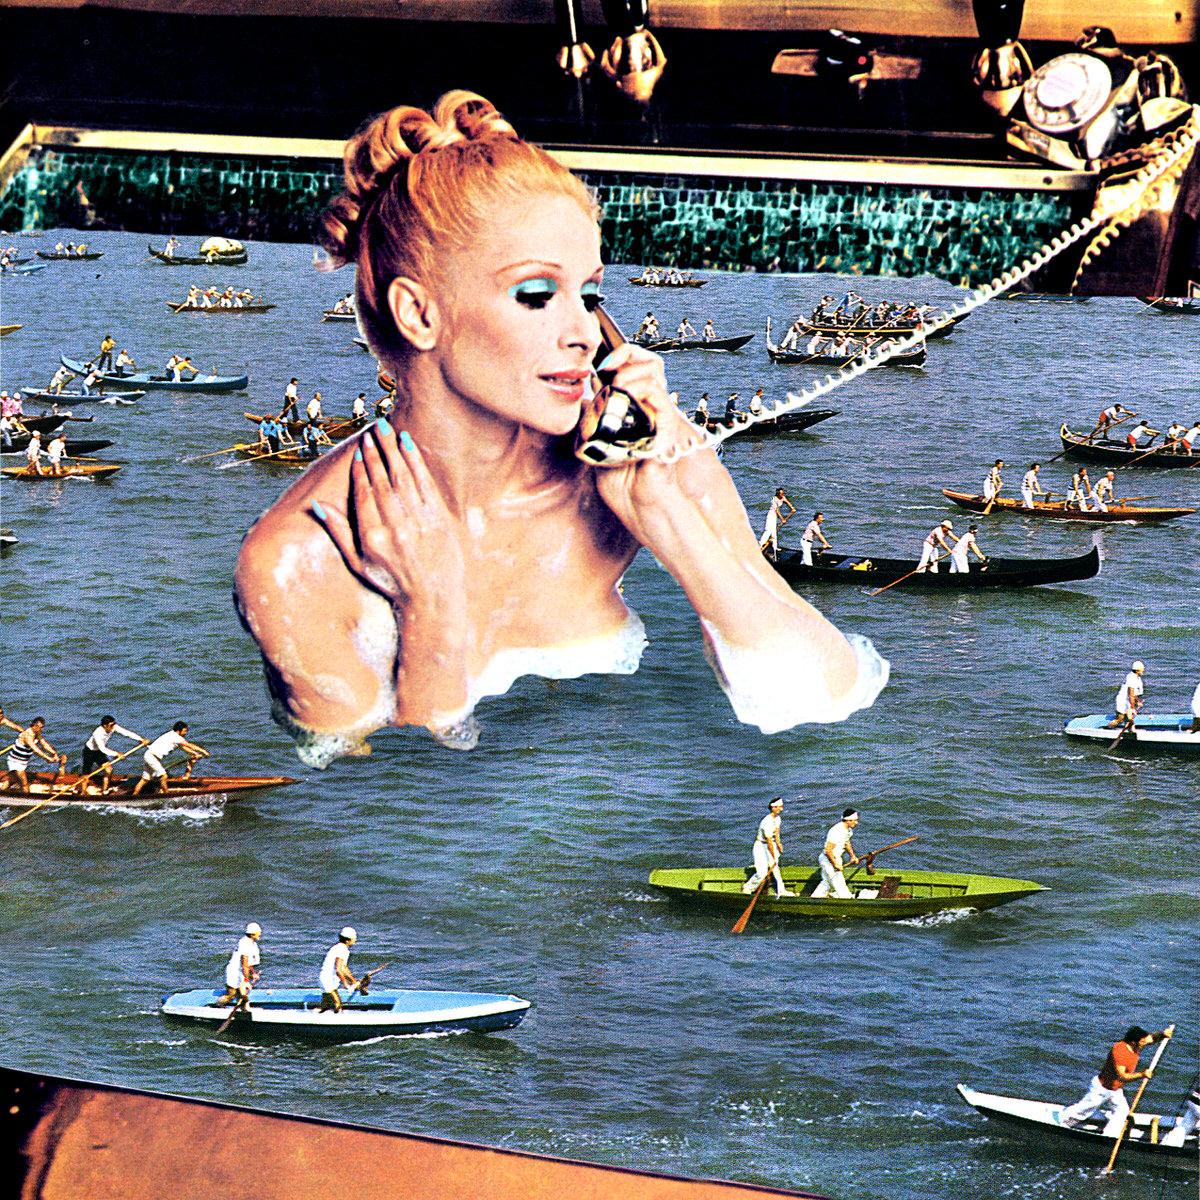 Venice bath